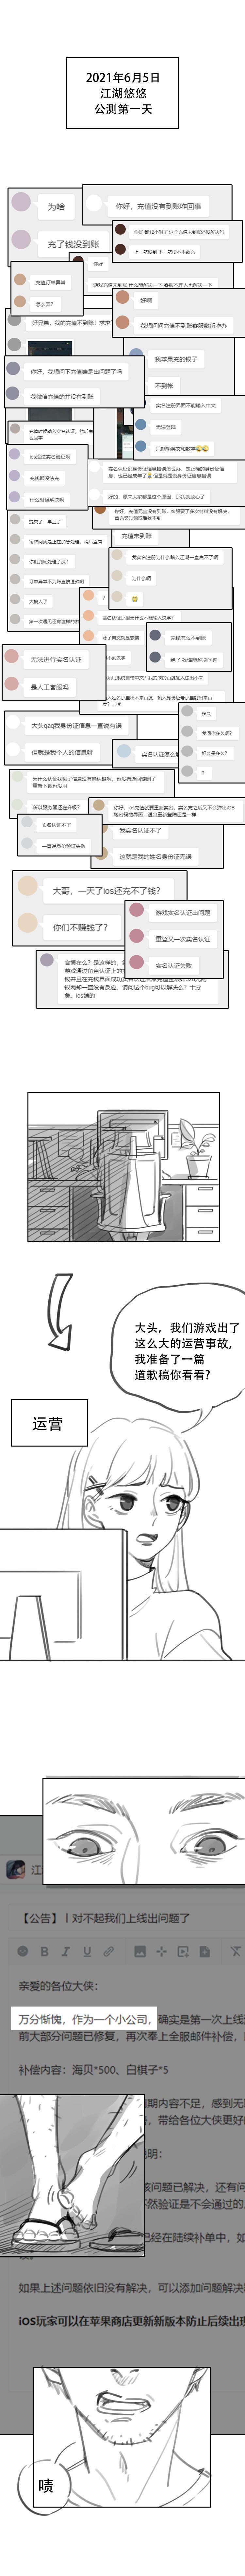 【漫画】大头和他的小伙伴(一)